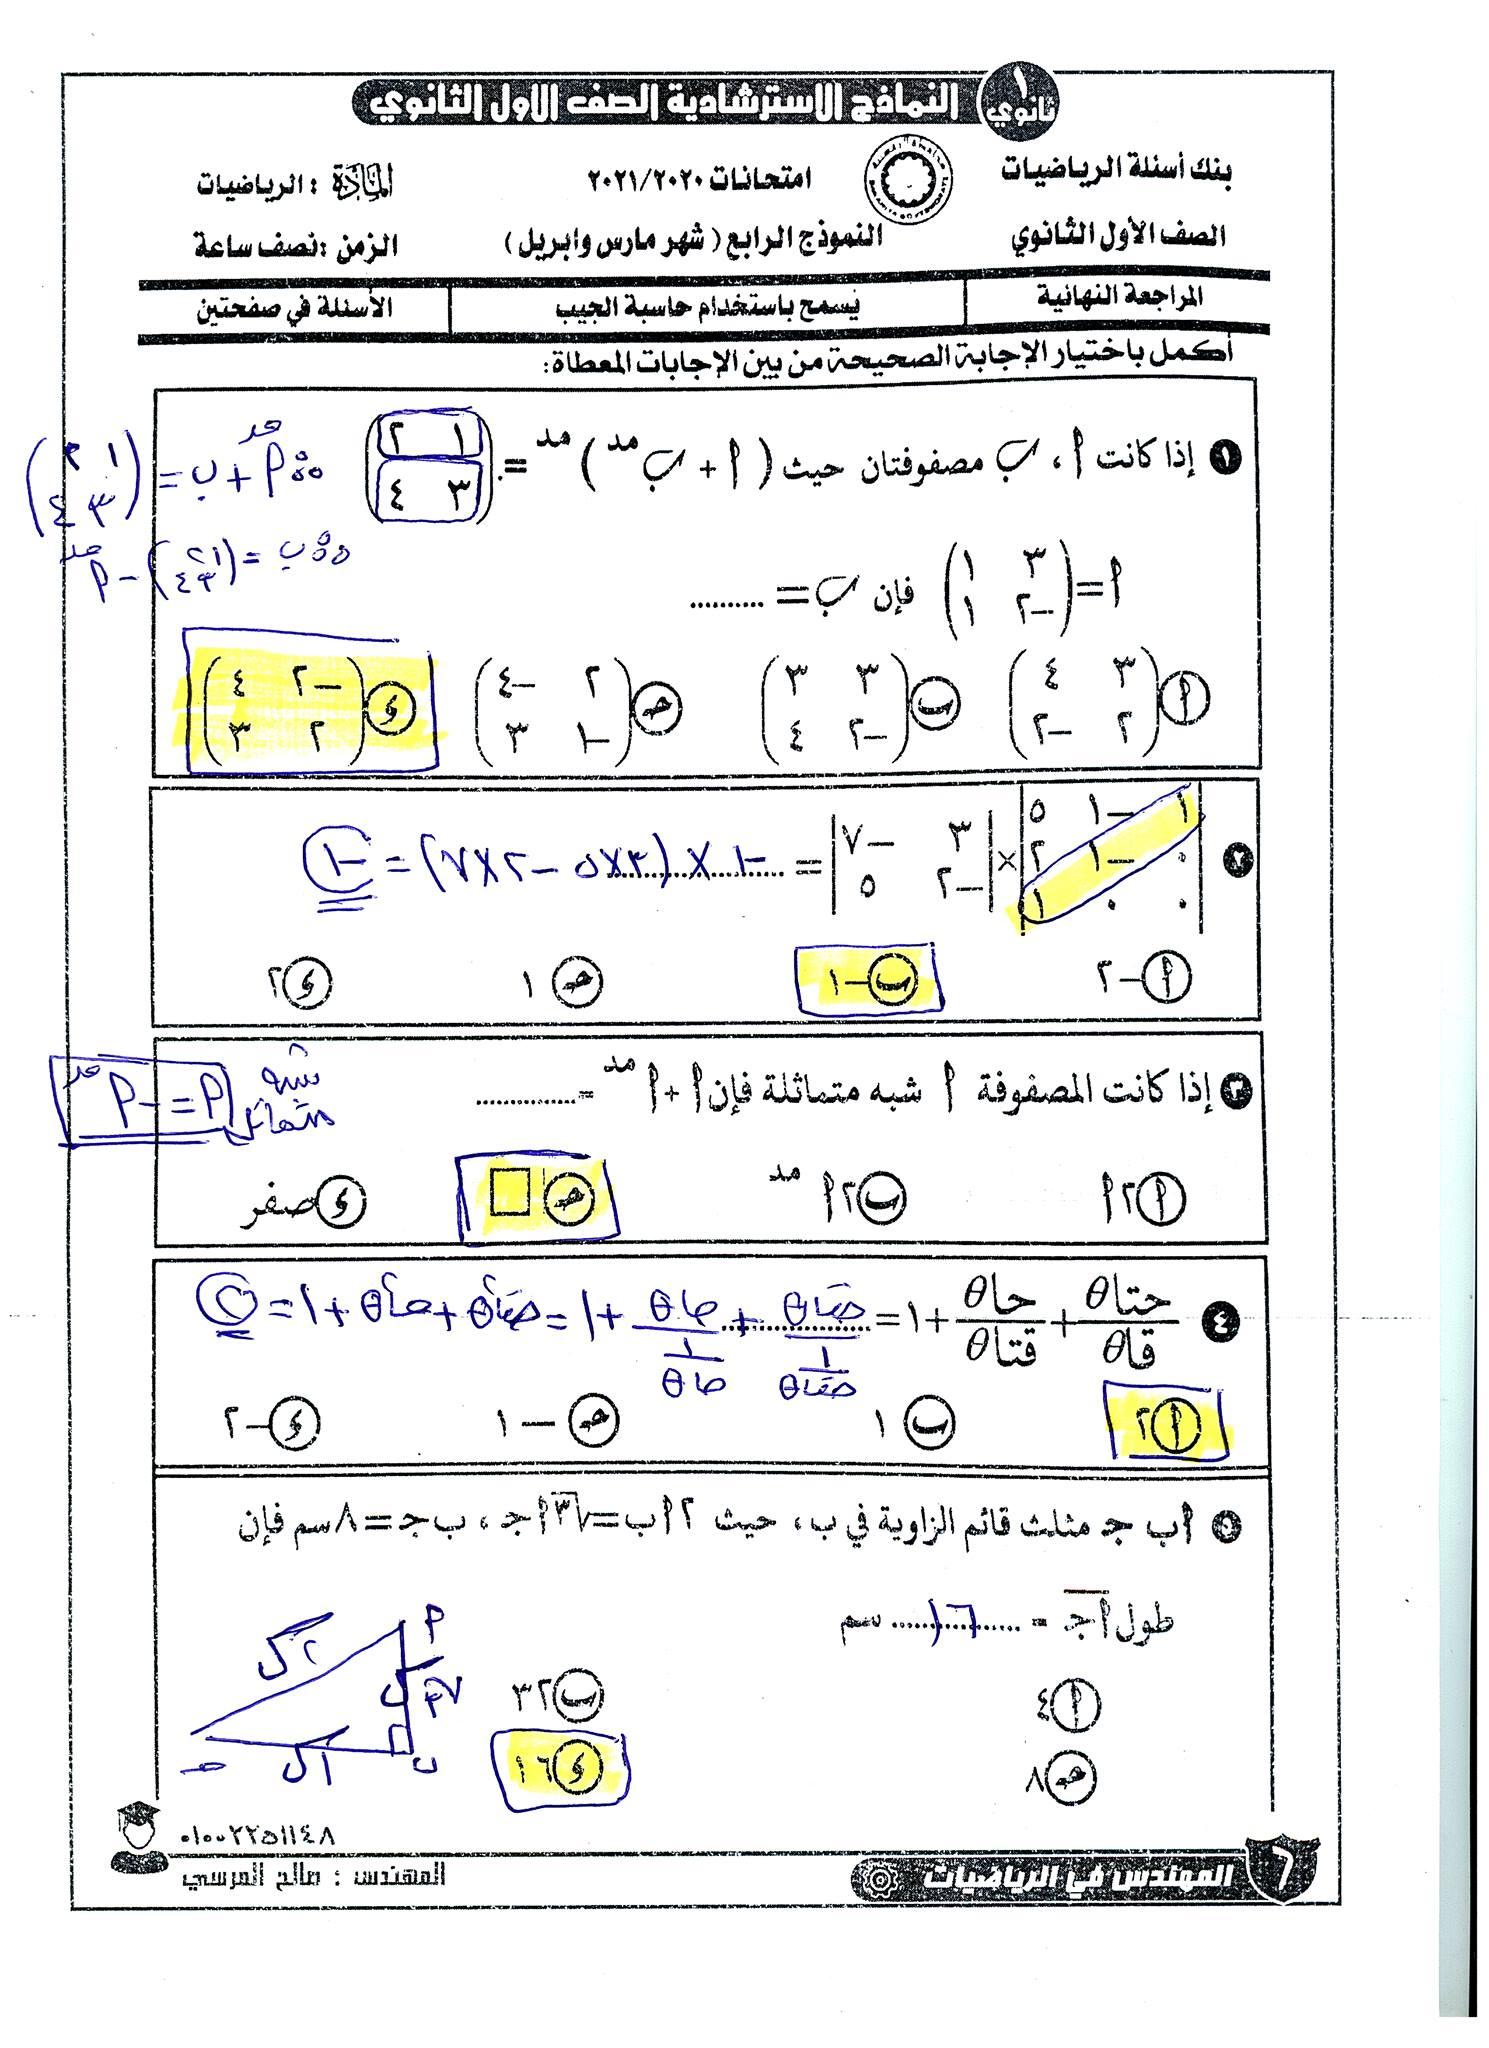 مراجعة ليلة الامتحان رياضيات للصف الأول الثانوي ترم ثاني.. ملخص كامل متكامل للقوانين و حل النماذج الاسترشادية 13